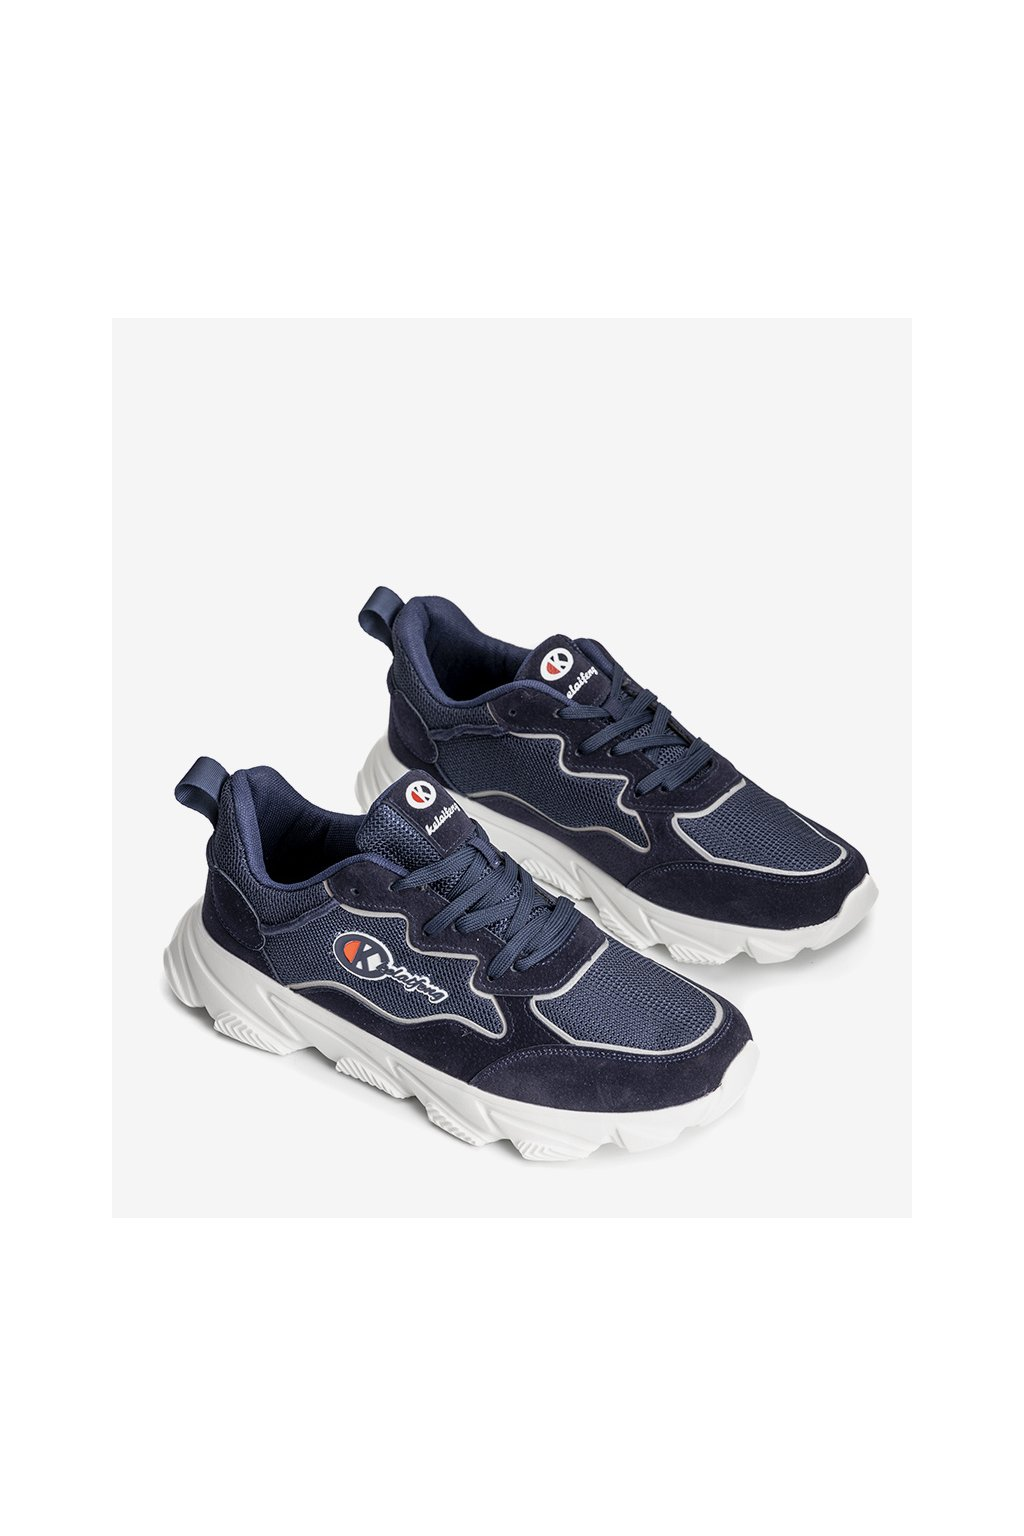 Pánske topánky tenisky modré kód K9881-3B - GM